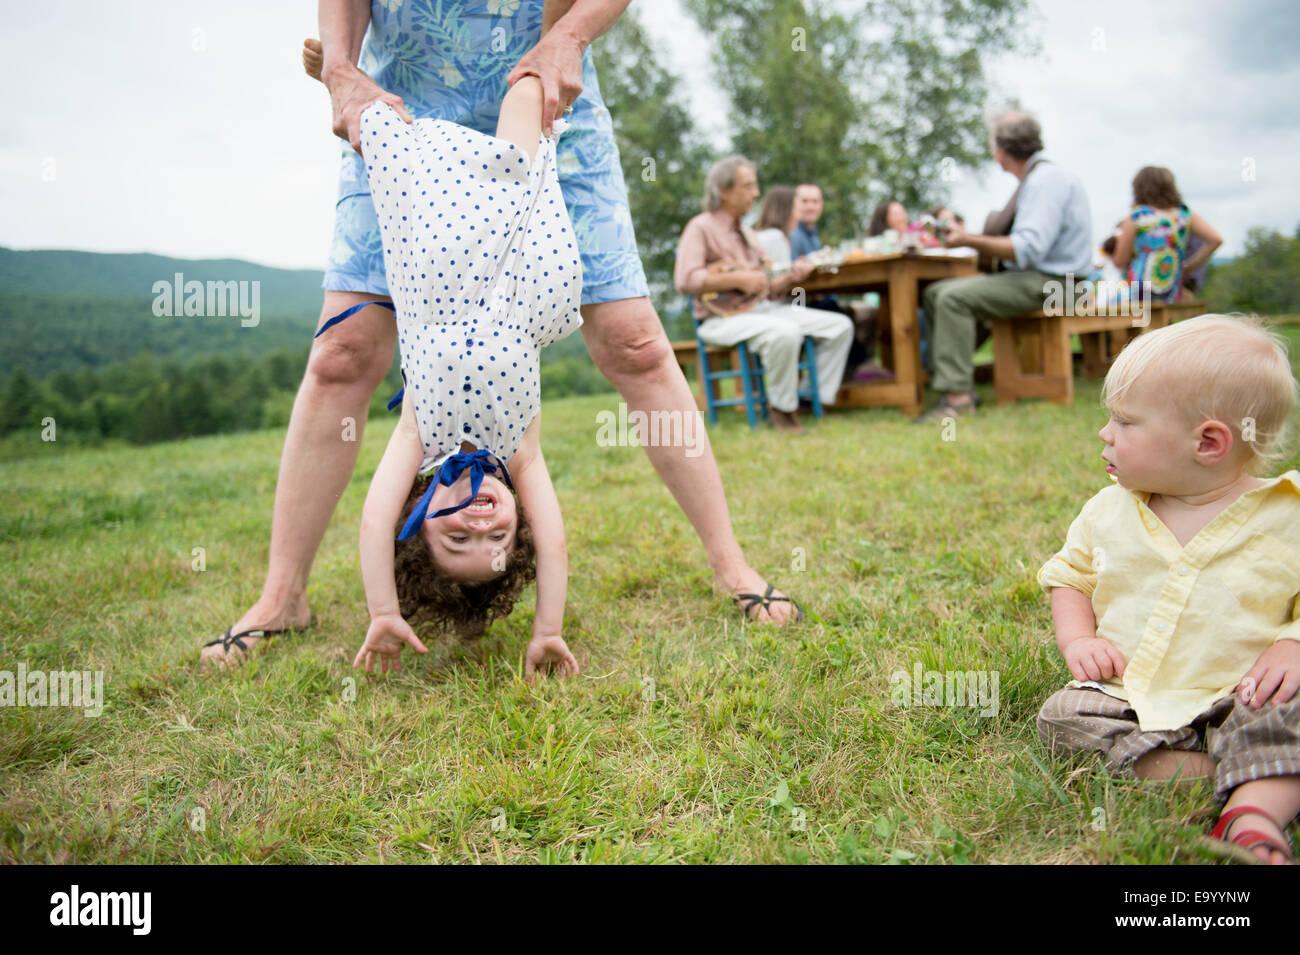 Les femmes de la famille de façon ludique les tout-petits par les jambes à la réunion de famille, Photo Stock